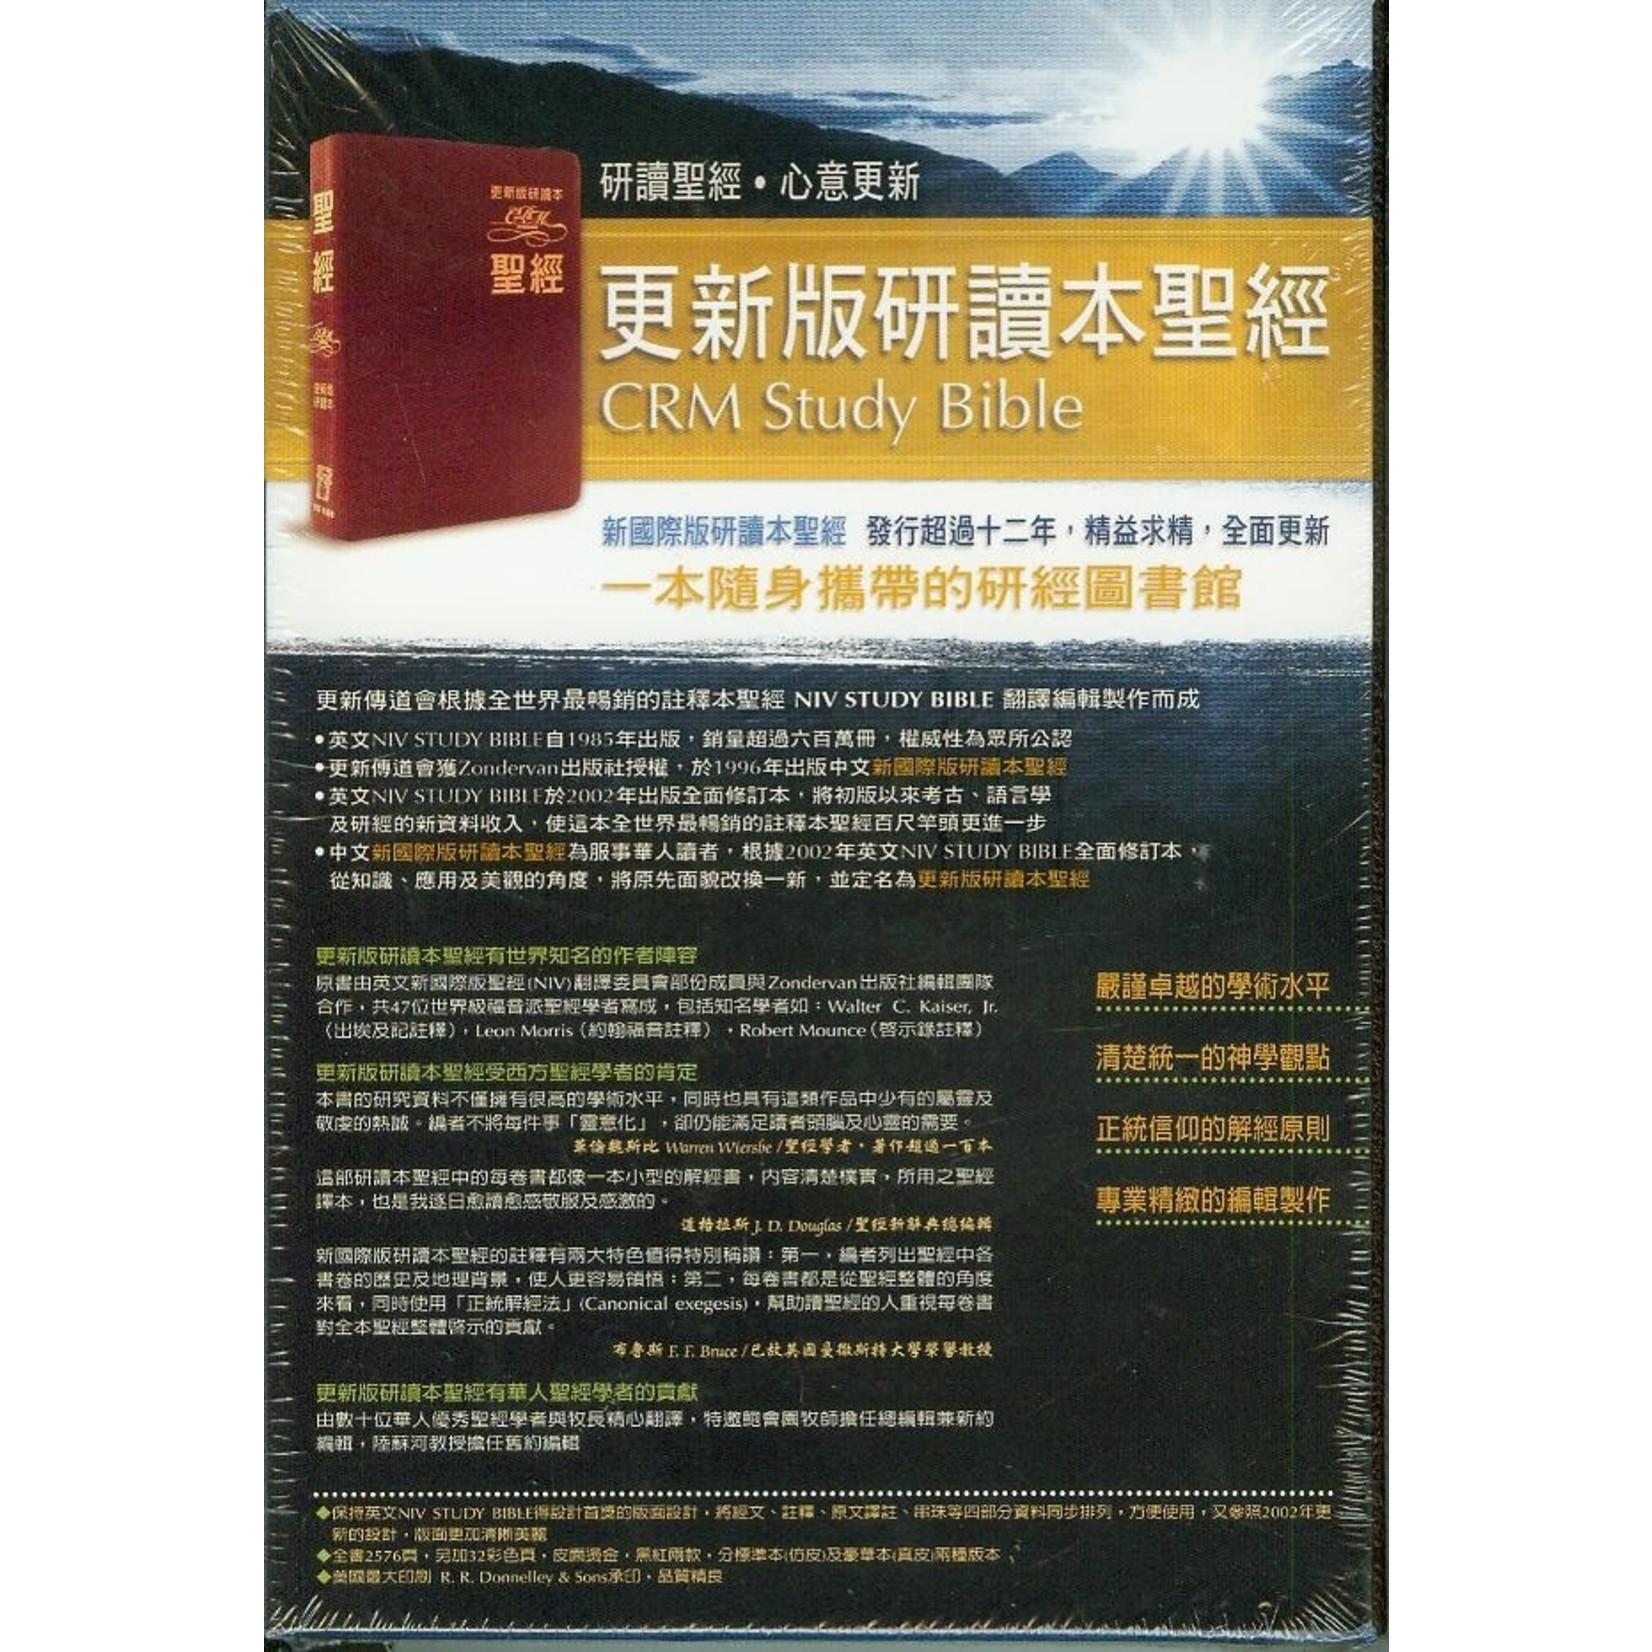 更新傳道會 Christian Renewal Ministries 更新版研讀本聖經.豪華本.黑色(簡體) CRM STUDY BIBLE (BLACK/DELUXE)